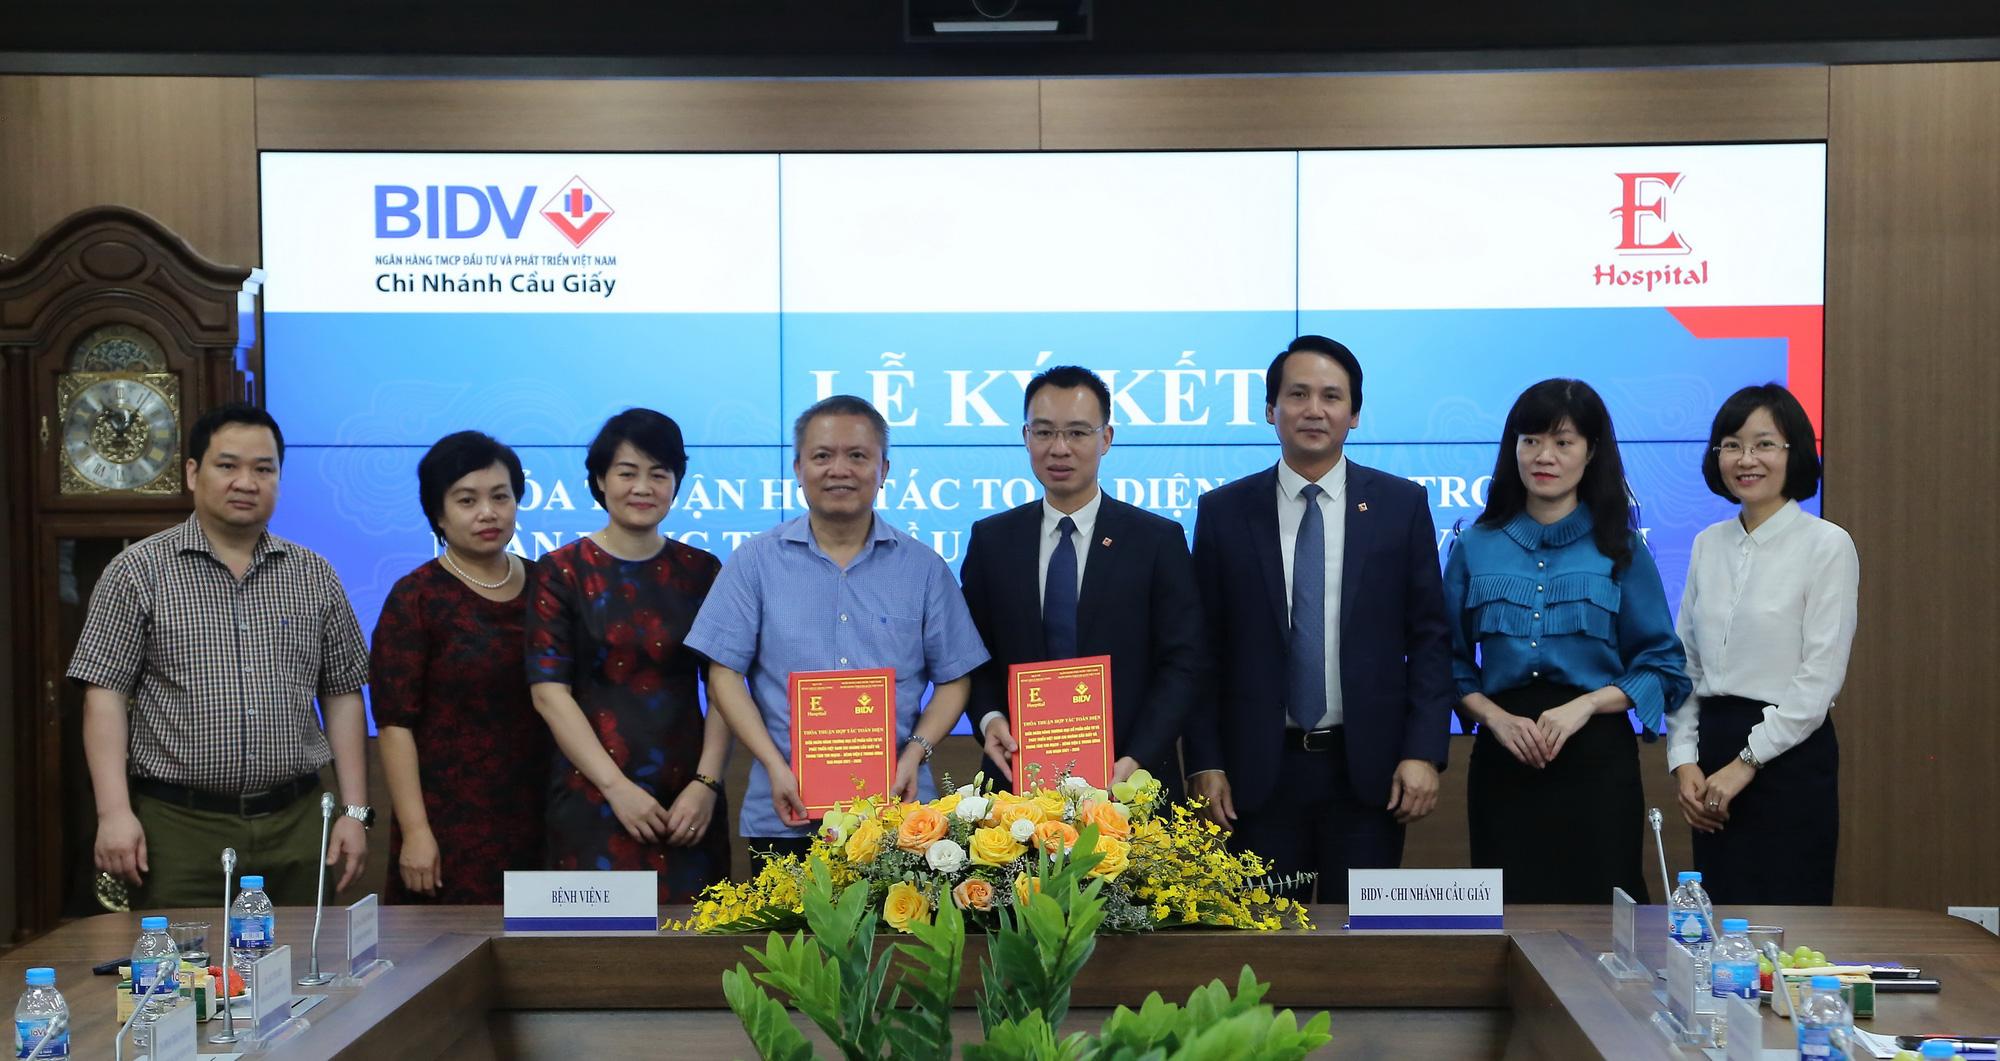 BIDV Cầu Giấy hợp tác toàn diện với Bệnh viện E Trung ương - Ảnh 1.